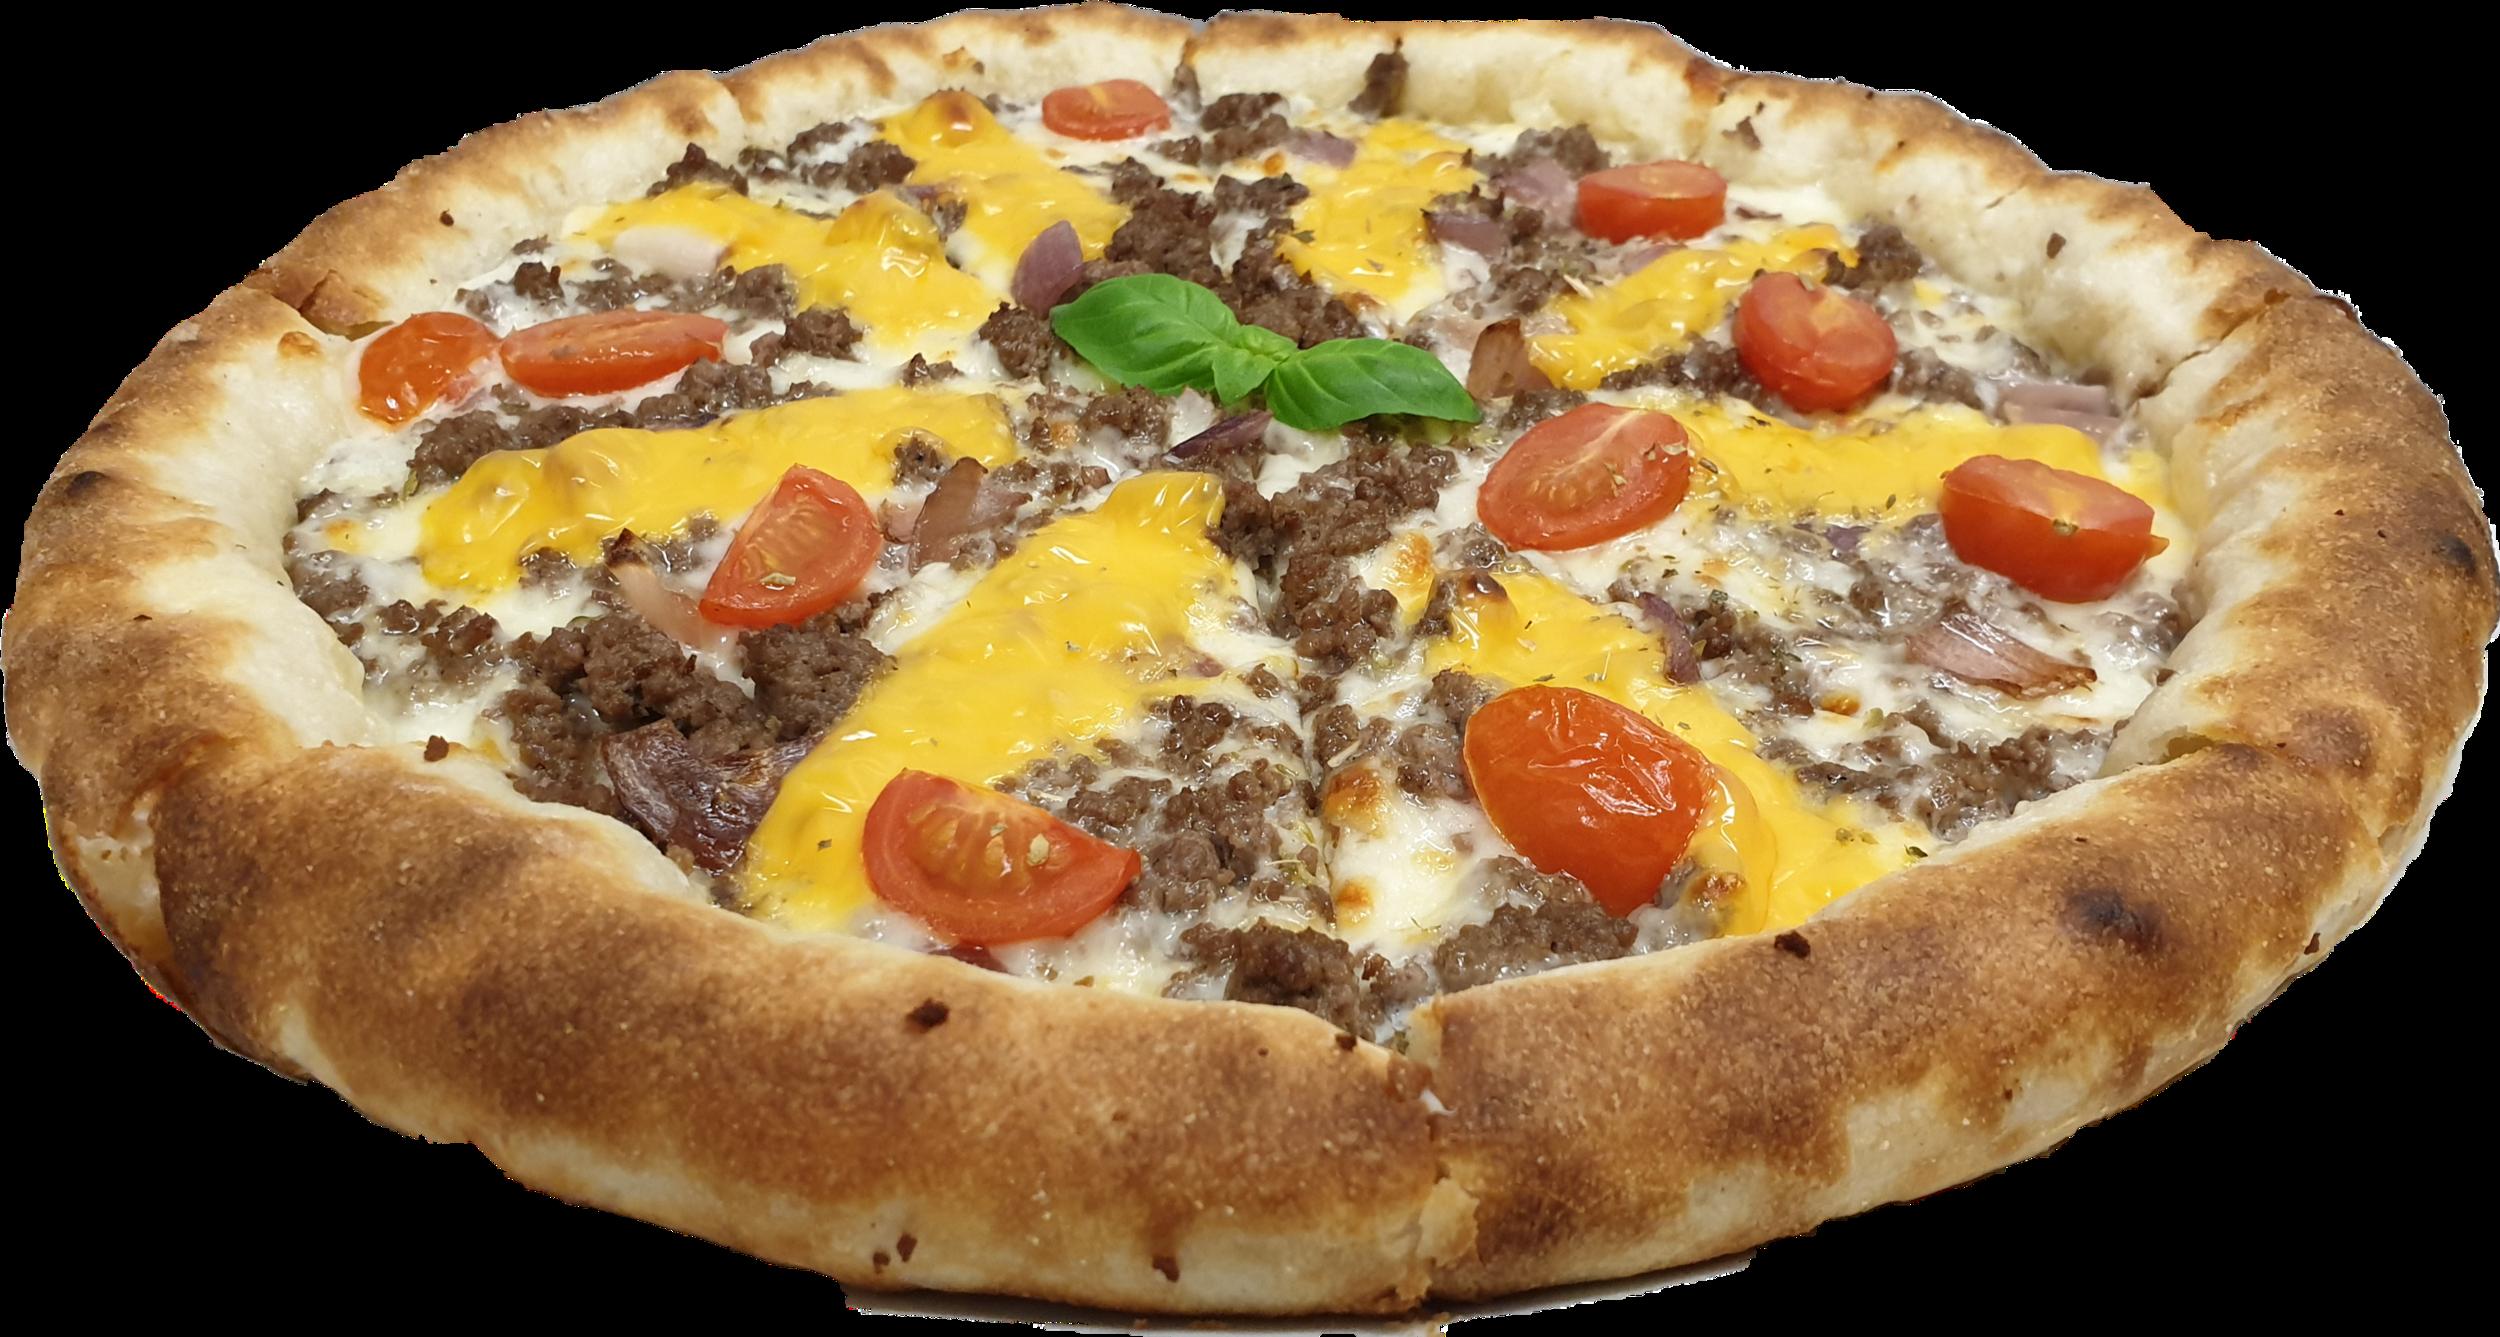 Sahnesauce, Mozzarella, frisches Rinderhackfleisch, Cherrytomaten, Schmelzkäse, gegrillte Zwiebeln